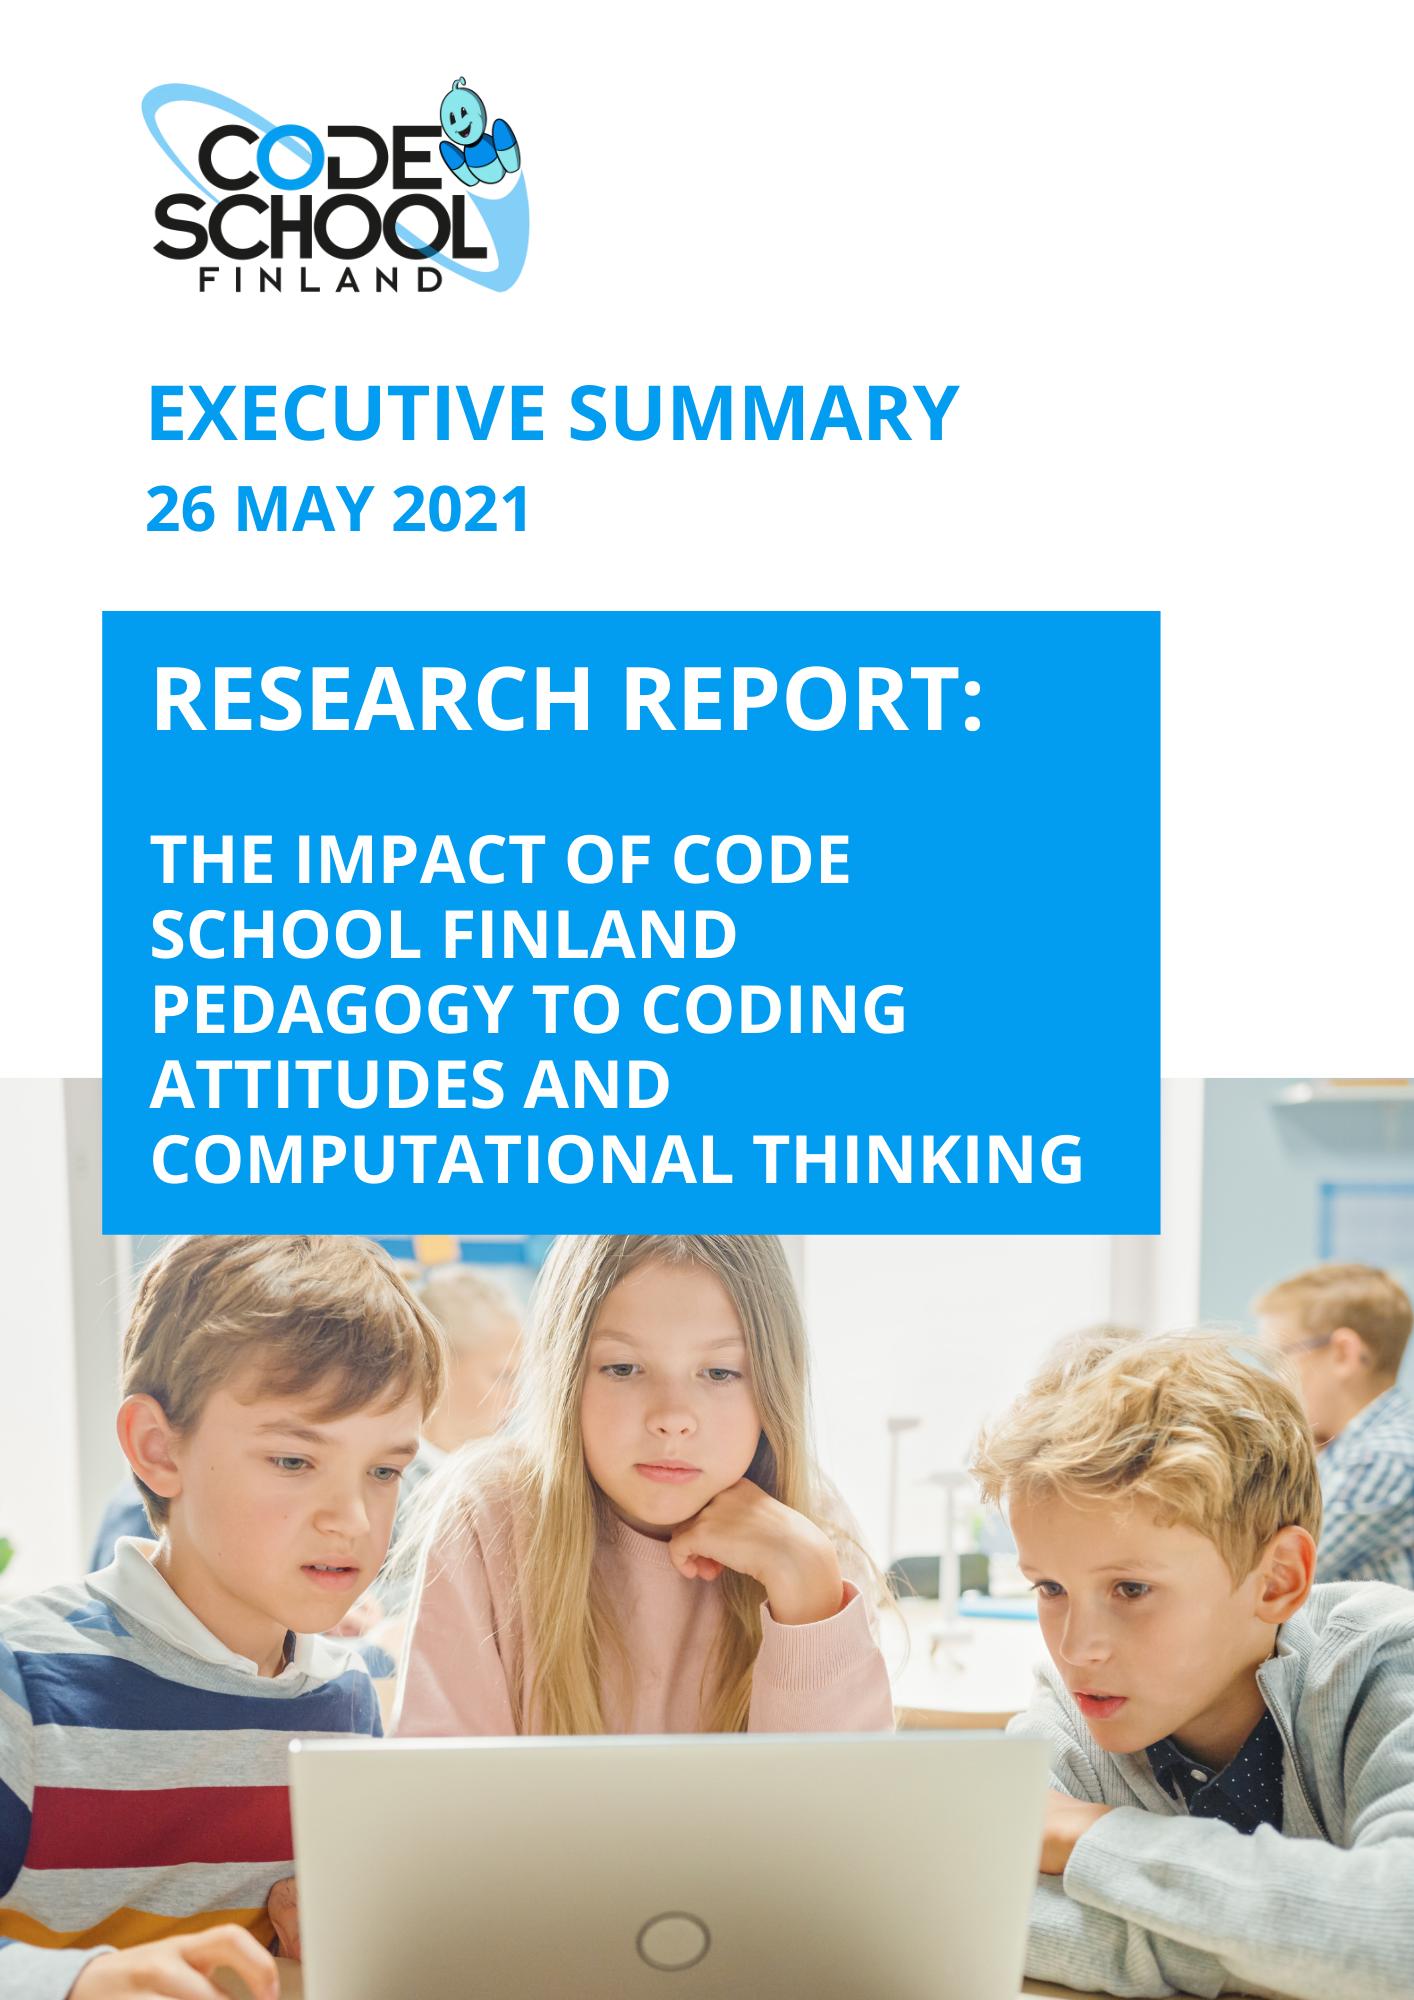 Executive Summary Impact of CSF Pedagogy to Coding Attitudes and Computational Thinking